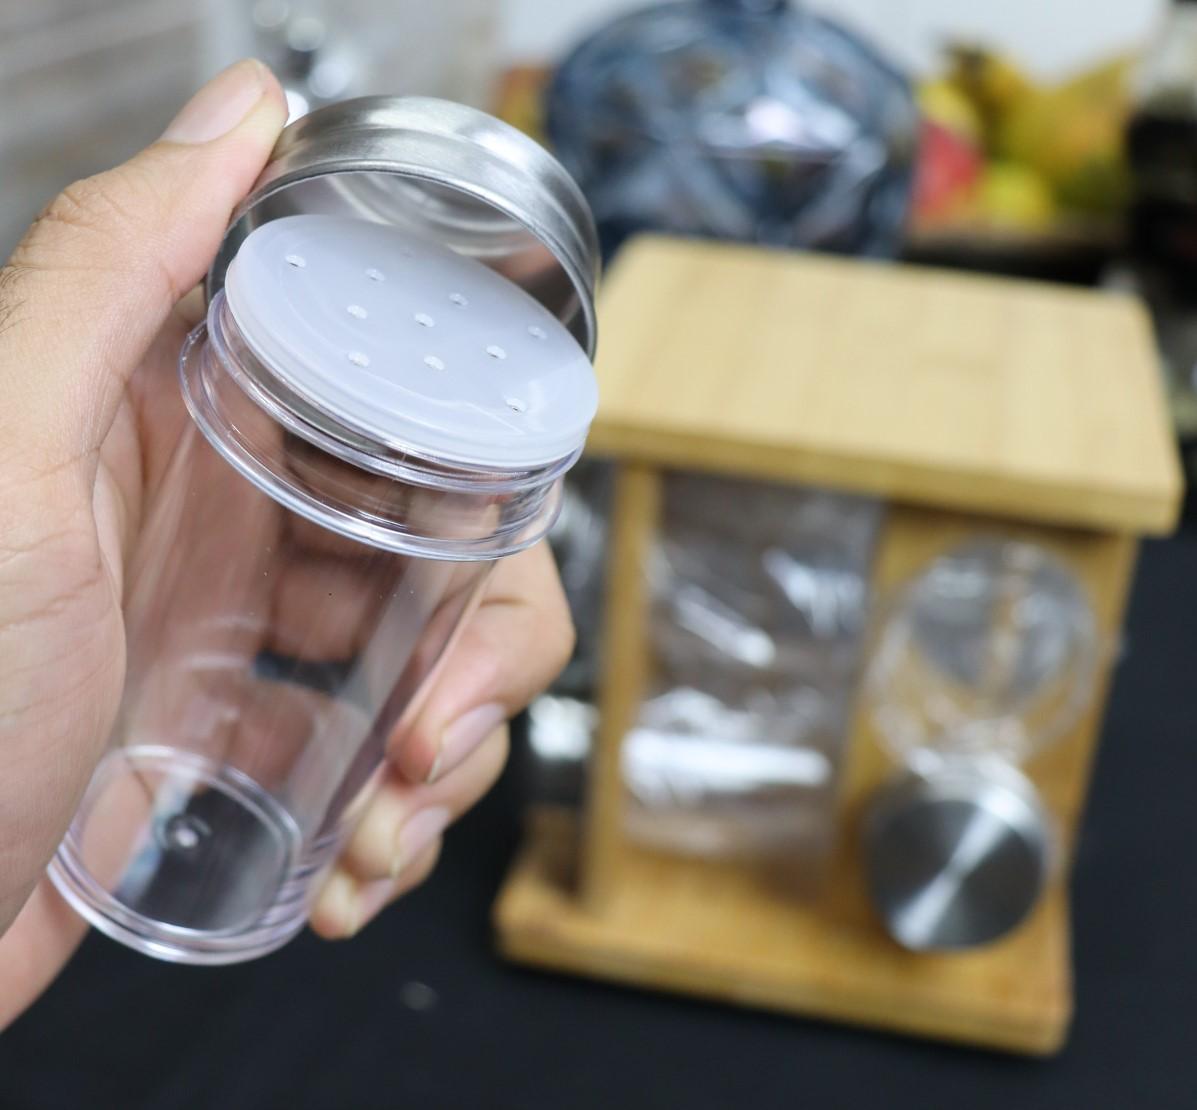 Porta organizador de temperos cozinha porta condimentos de bambu giratório 8 peças